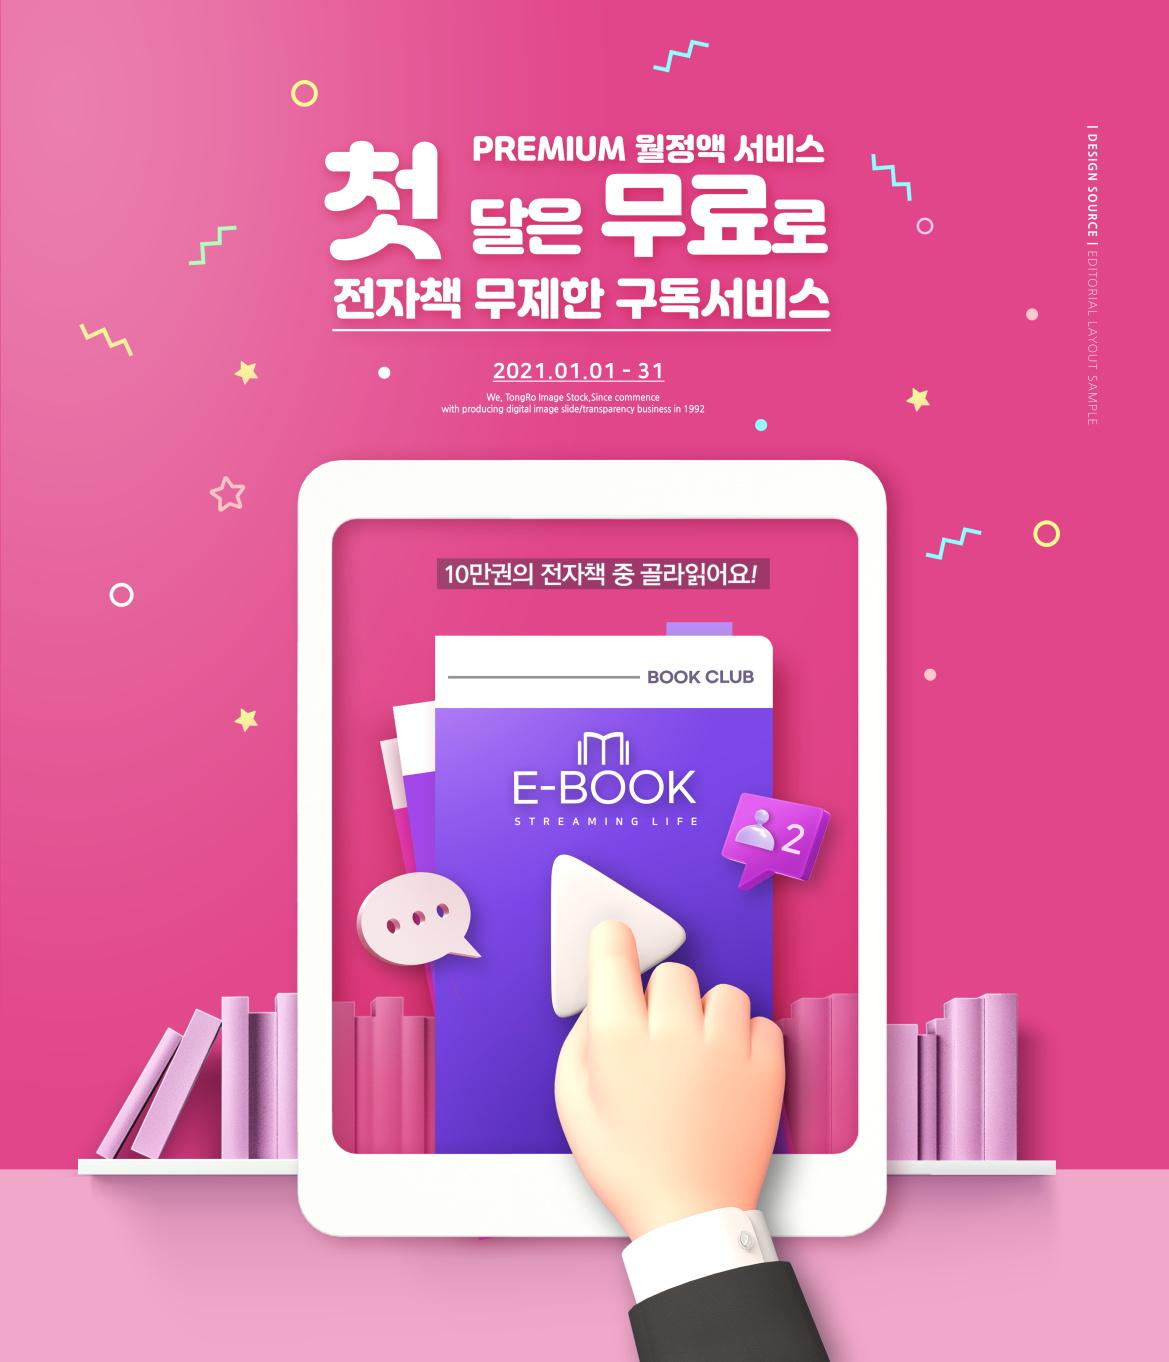 [单独购买] 16款时尚外卖金融手机购物促销海报设计PSD模板素材 Mobile Shopping Promotion Poster插图14